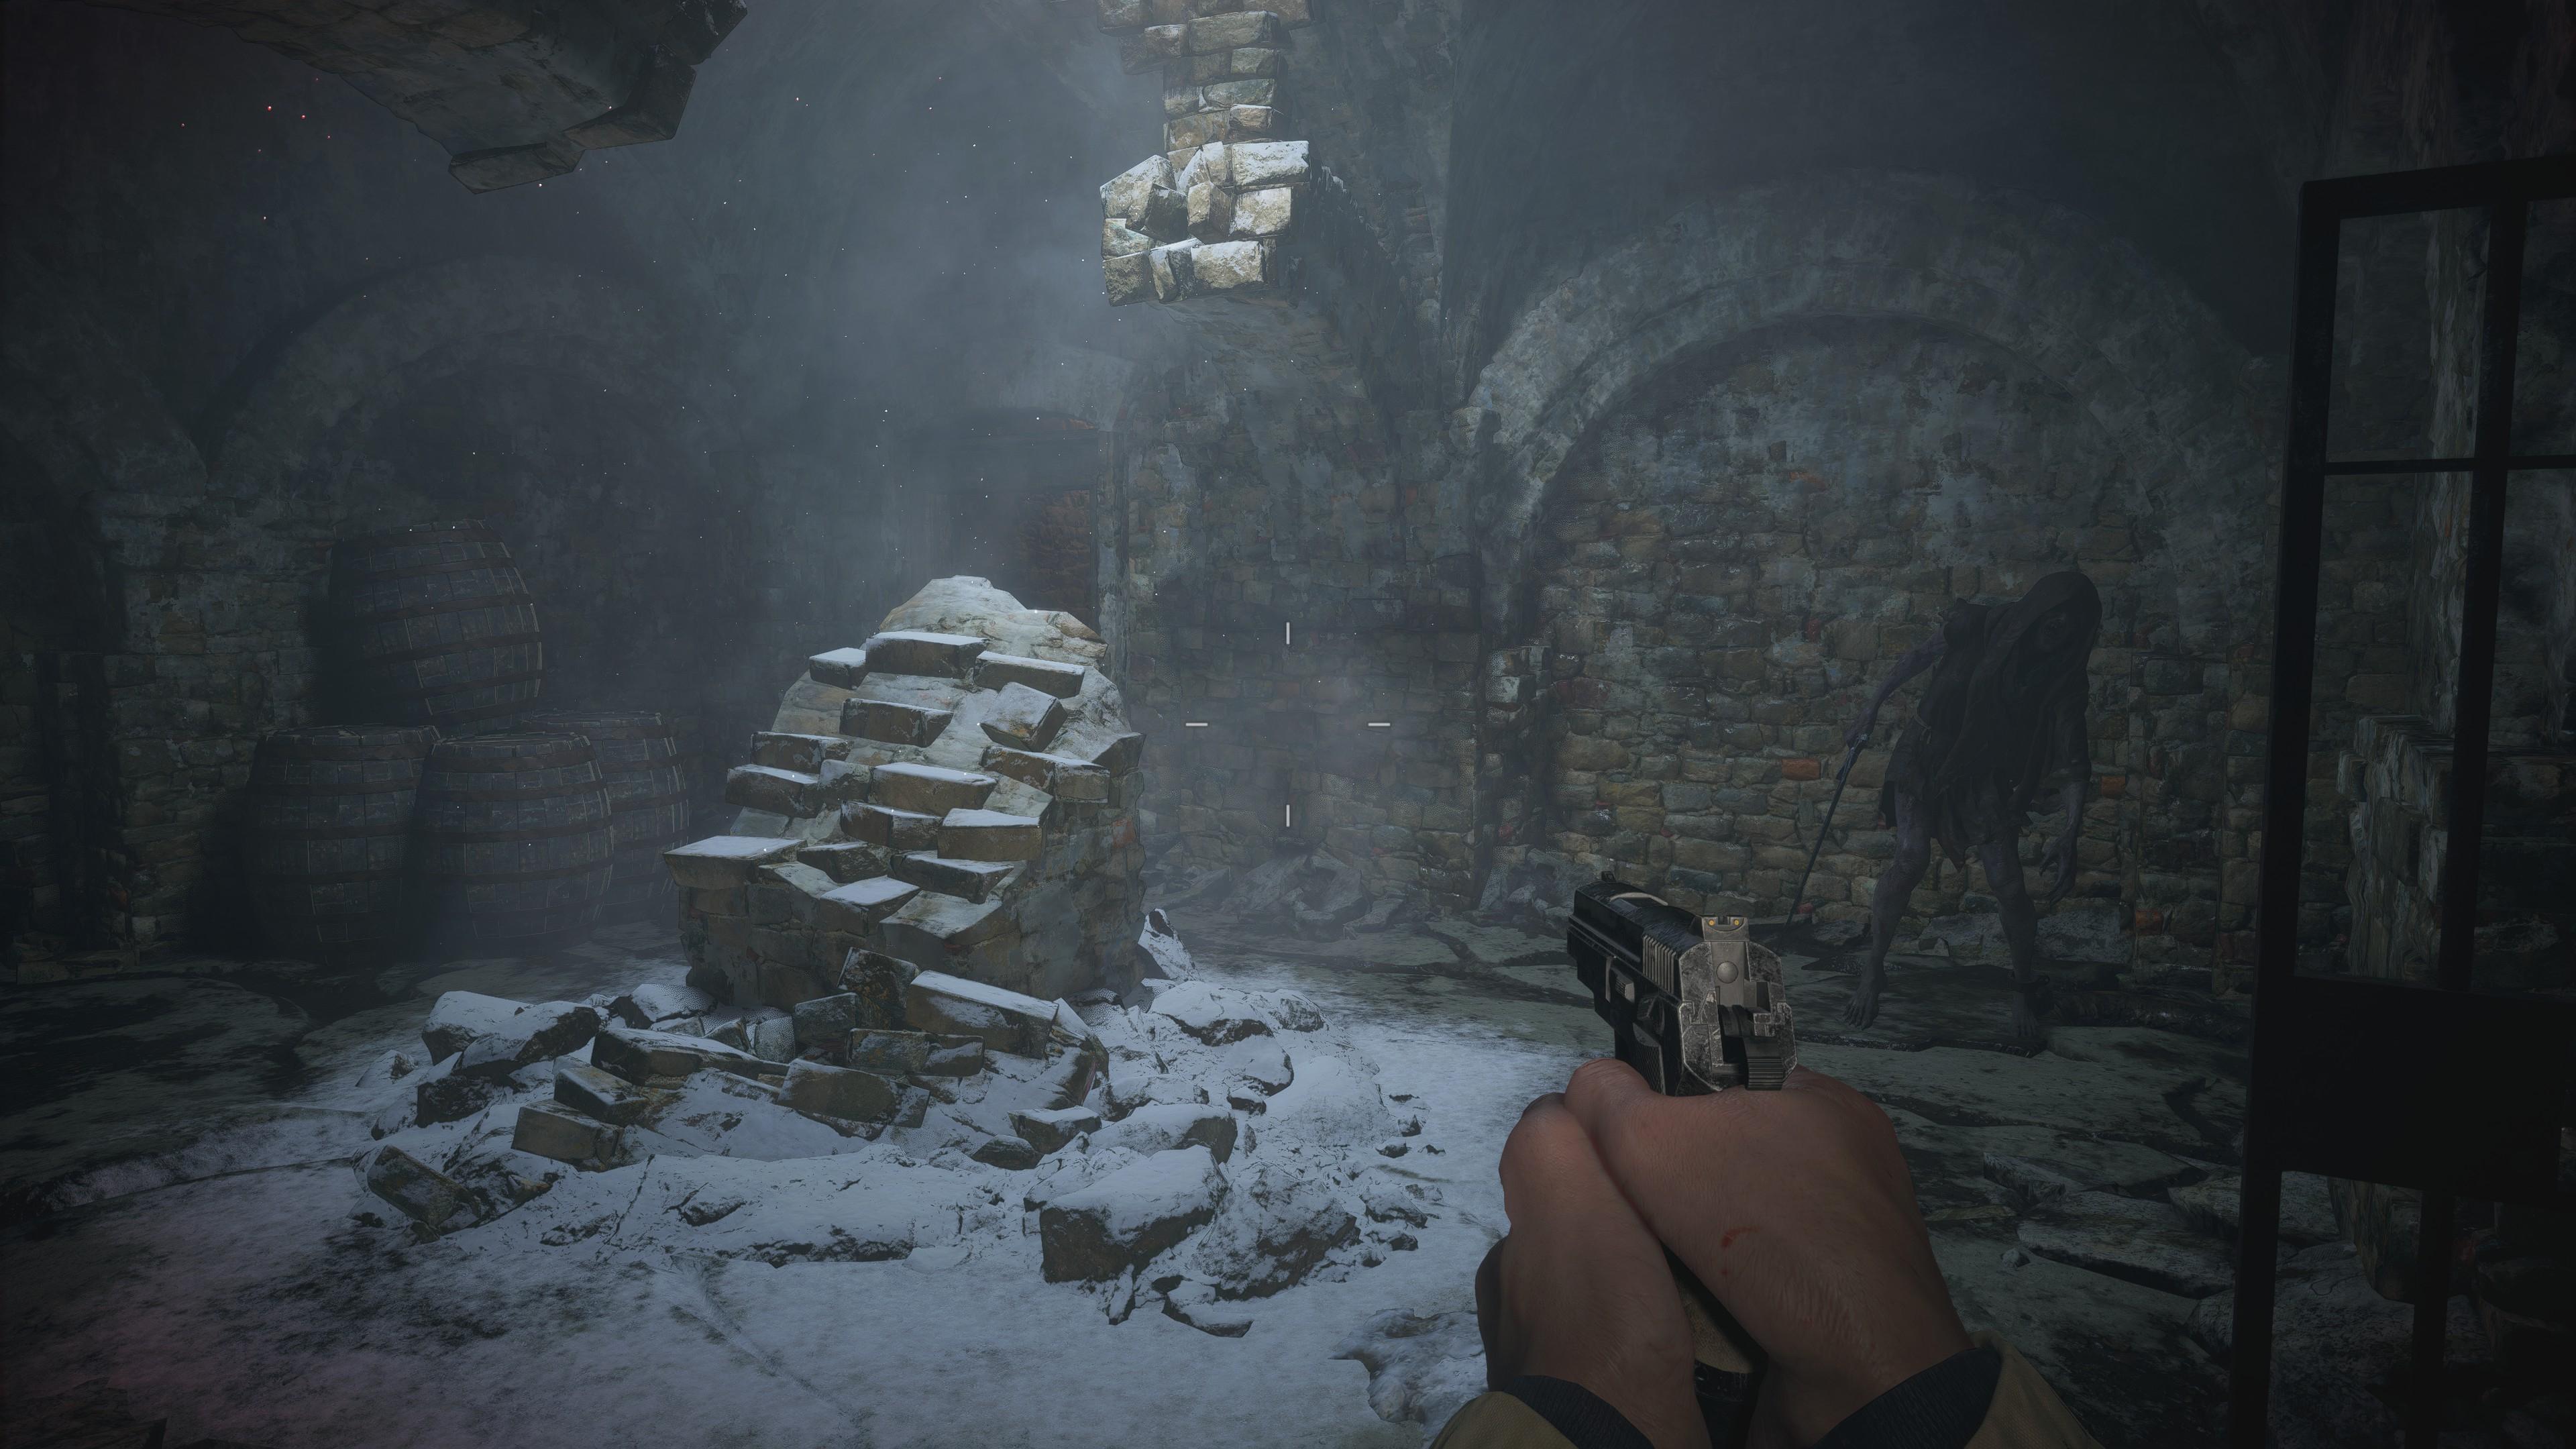 4К-скриншоты ПК-версии Resident Evil Village с максимальными настройками и трассировкой лучей